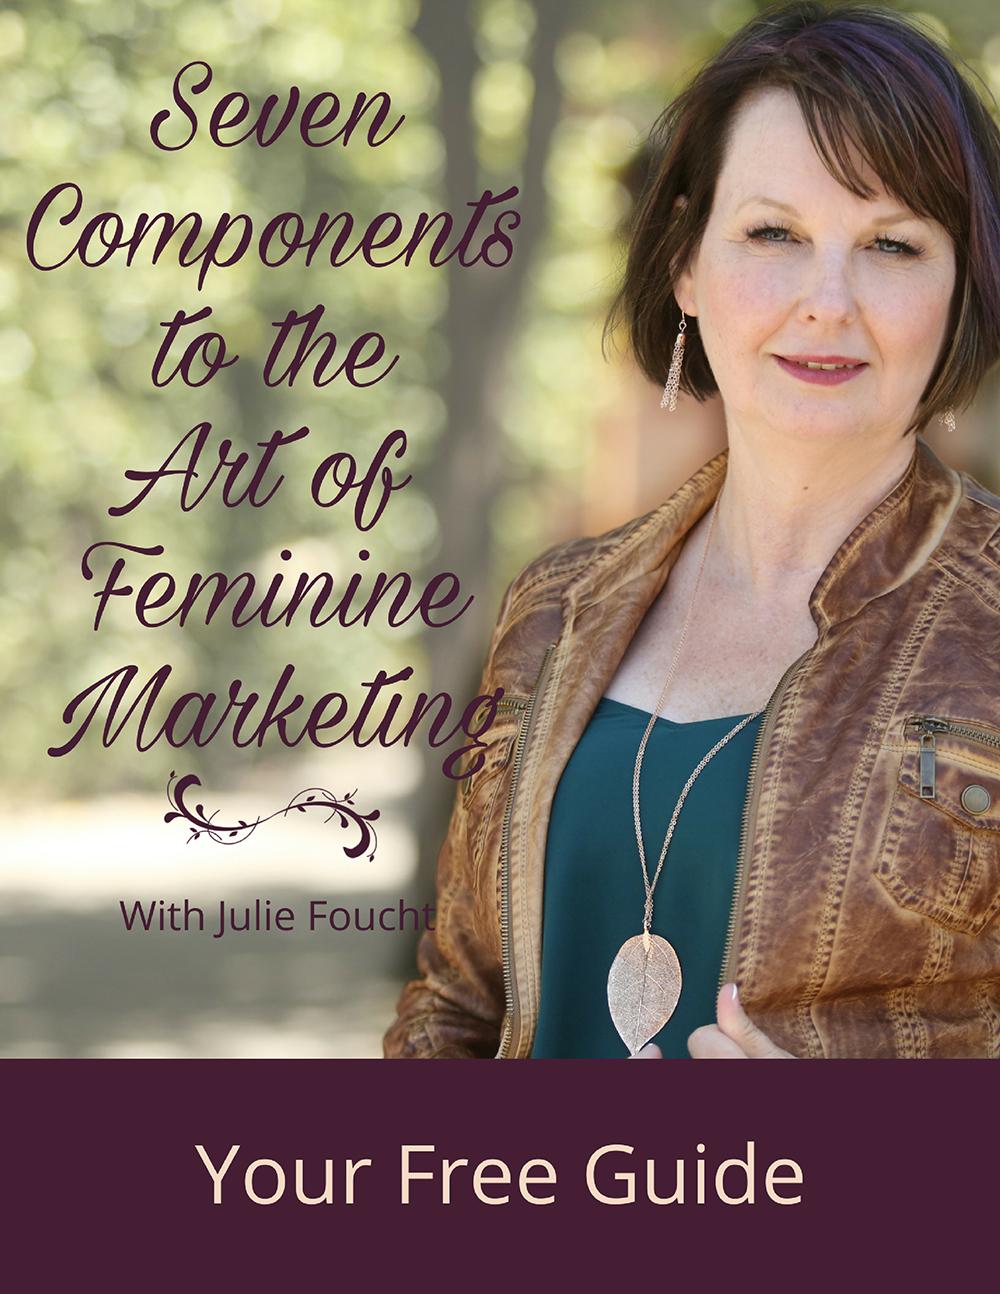 The Art of Feminine Marketing Guide